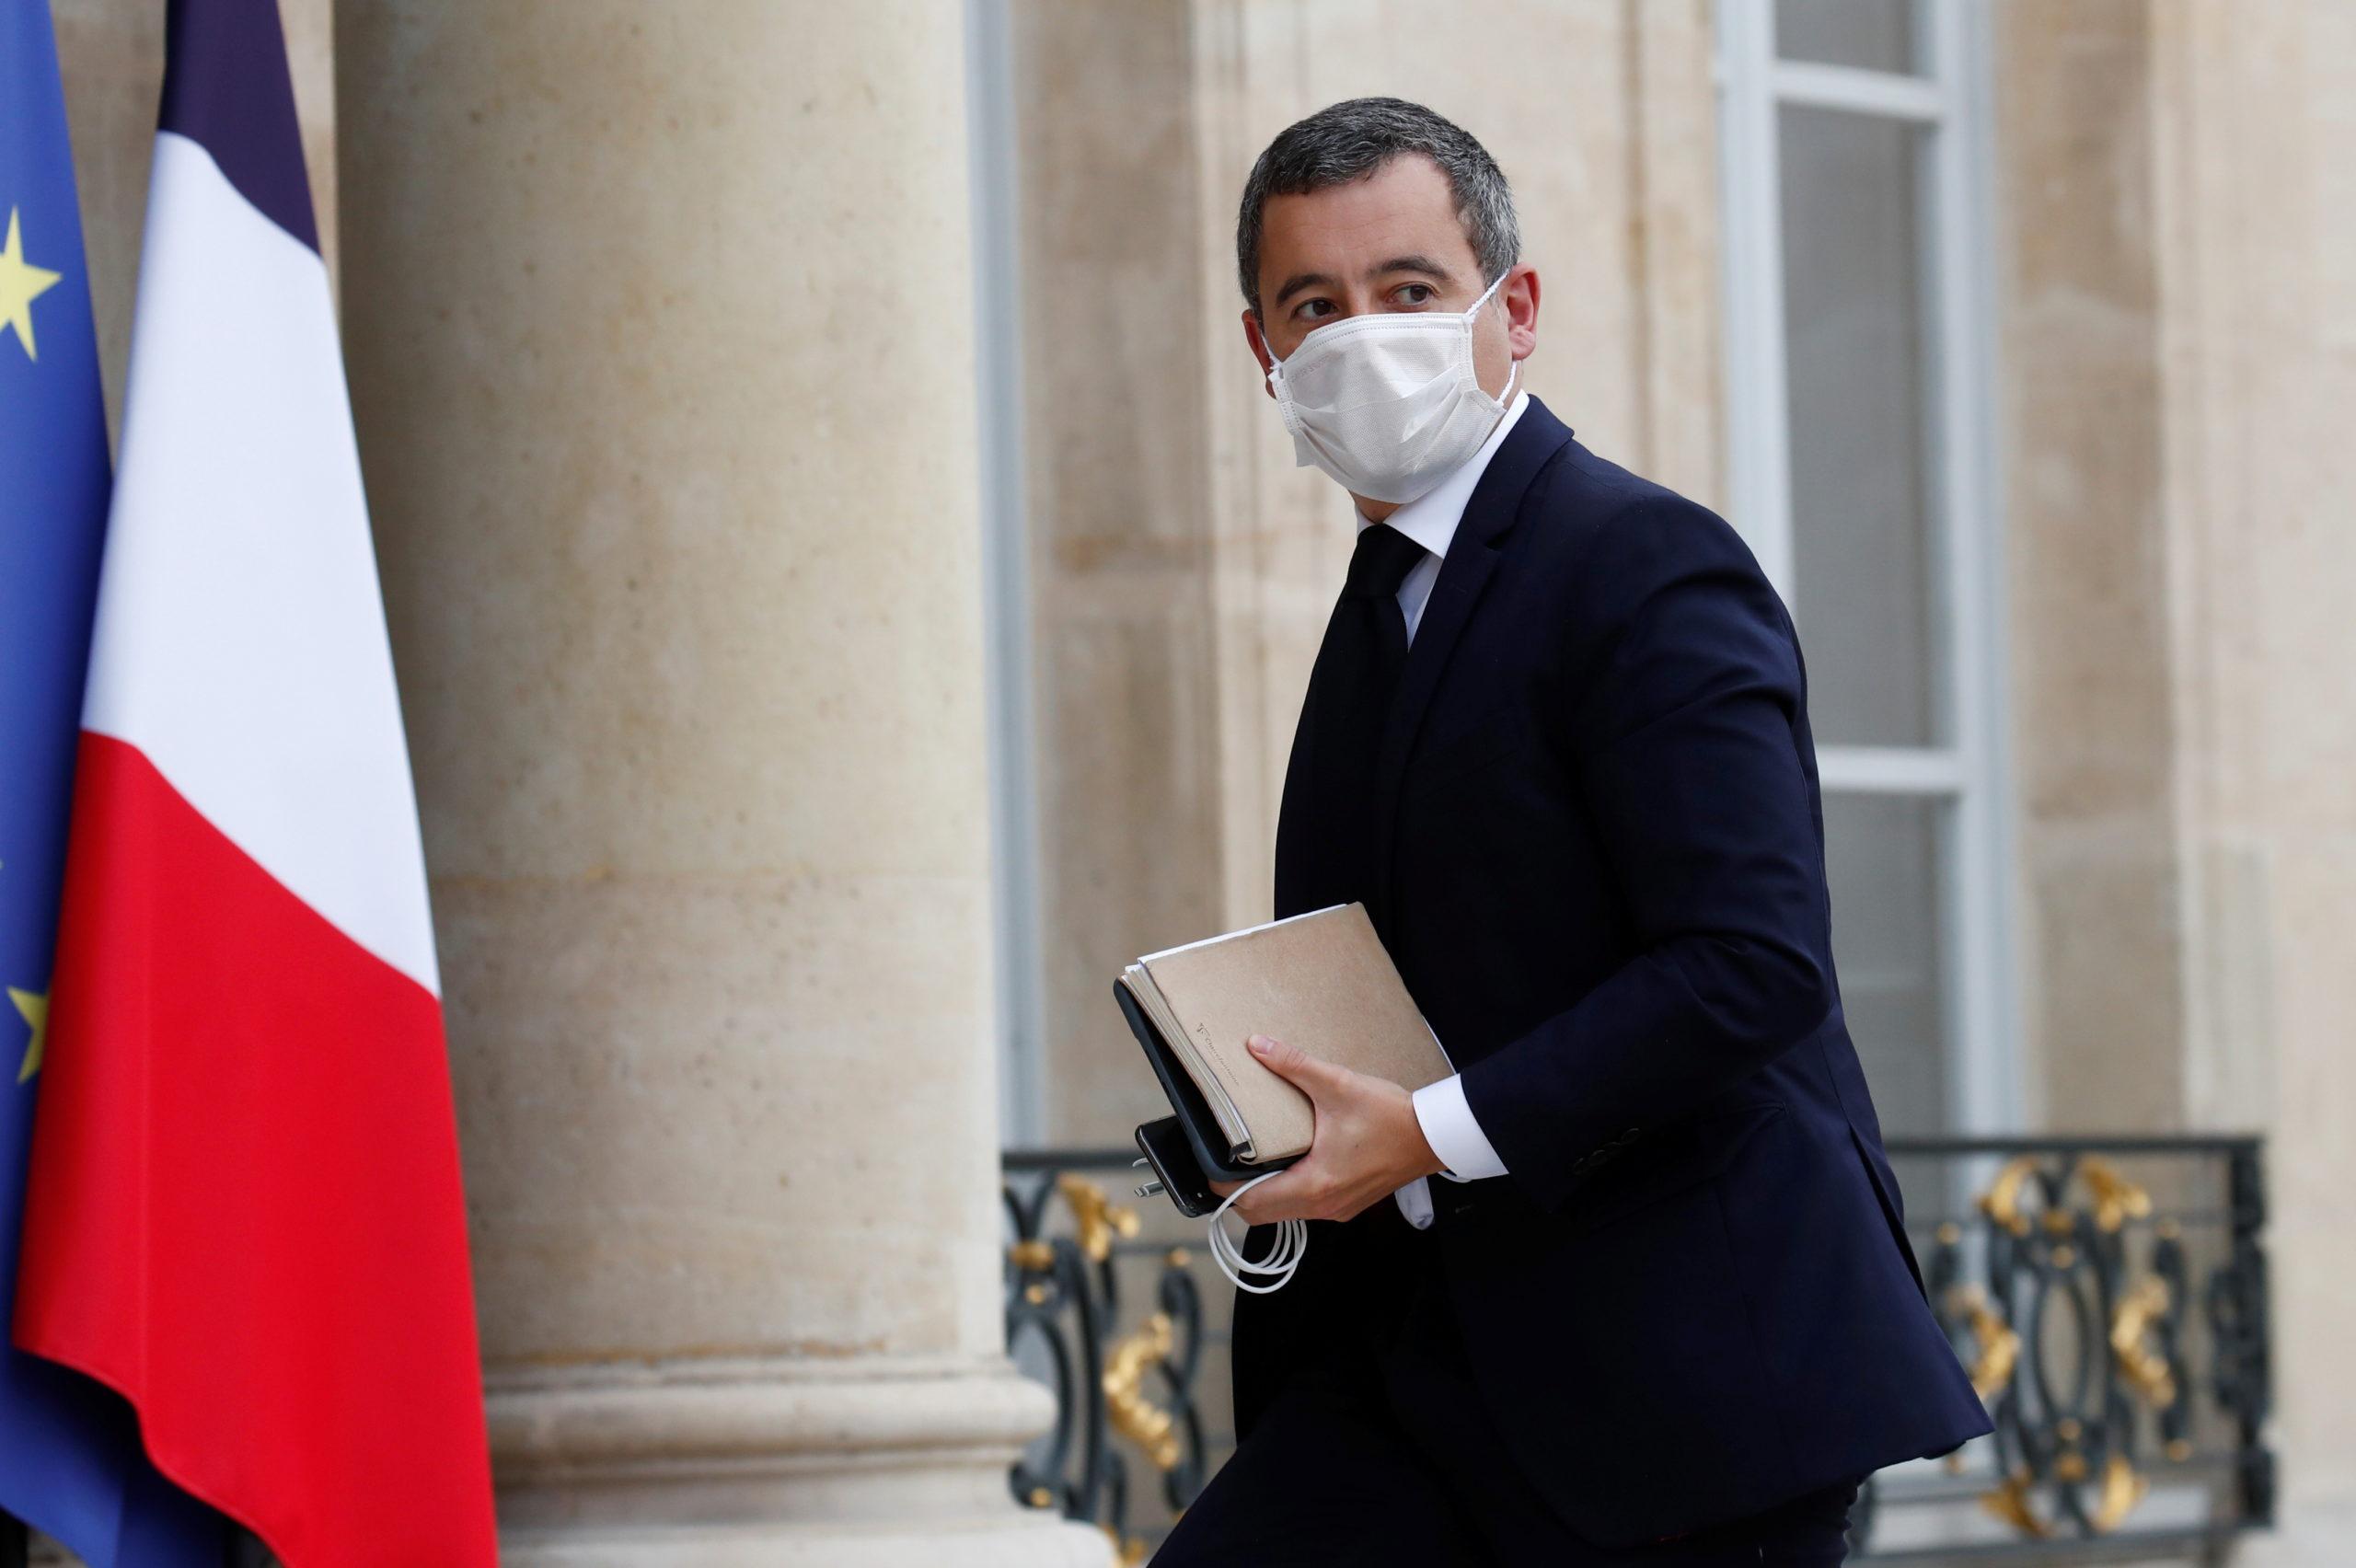 Les médias français s'inquiètent des projets du gouvernement sur la sécurité